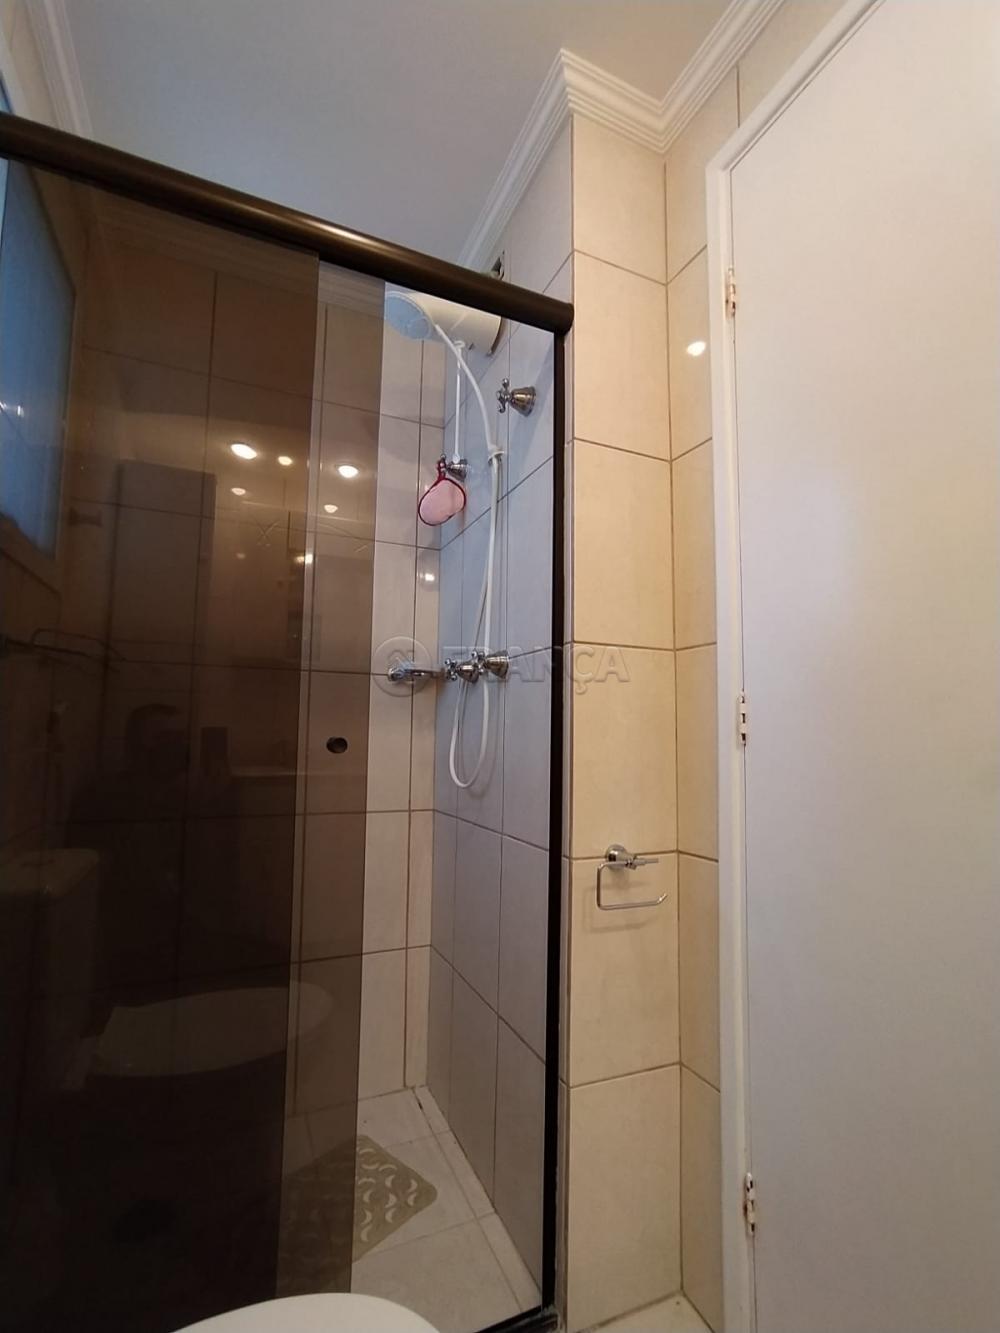 Alugar Apartamento / Padrão em Jacareí R$ 1.500,00 - Foto 11